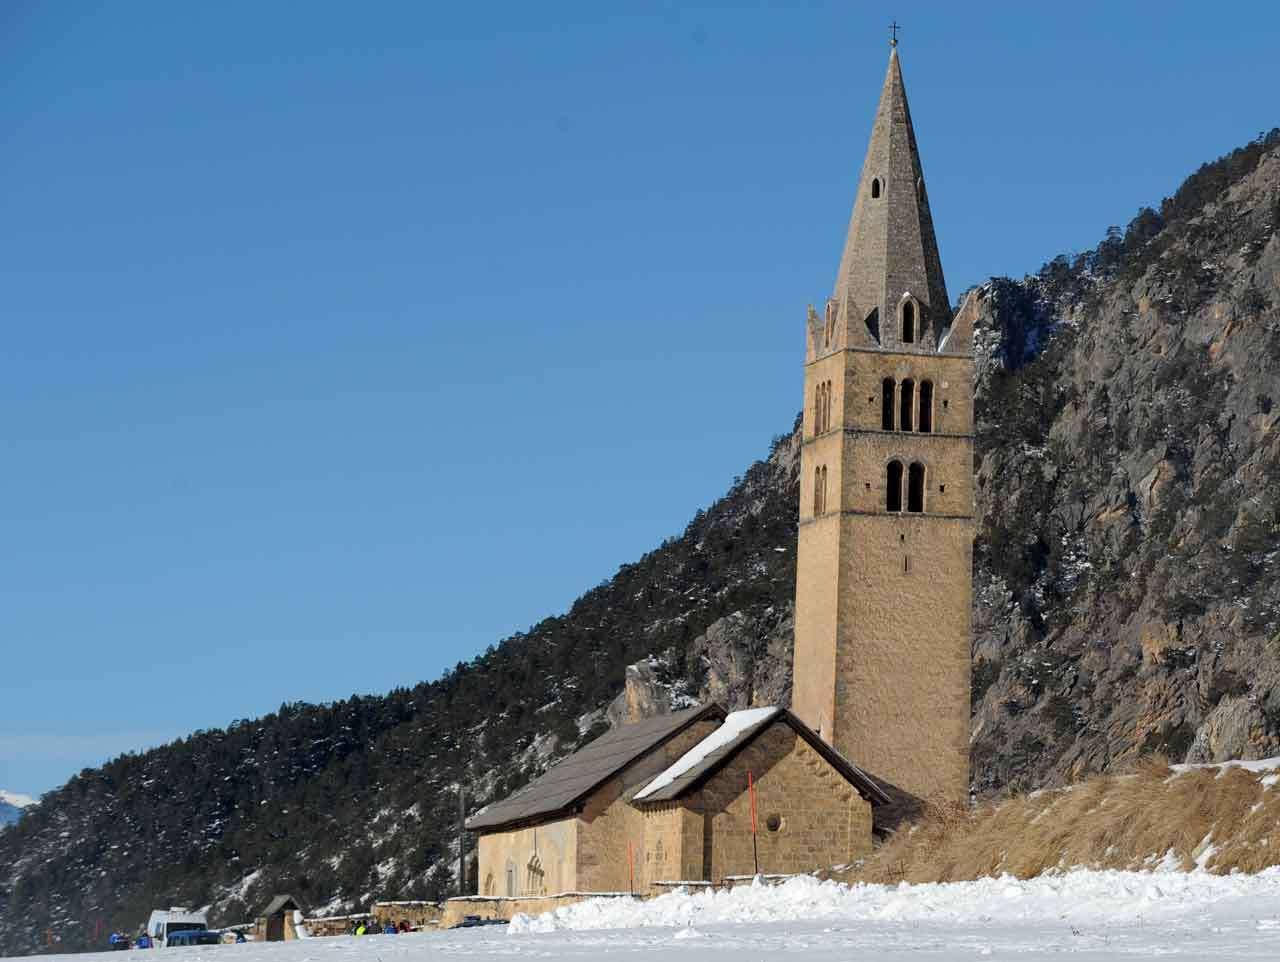 La iglesia de Ceillac en Francia, de donde el cuerpo de uno de los esquiadores fue evacuado, seis esquiadores murieron en Francia al ser arrastrados por una avalancha, 25 de enero de 2015. Foto: AFP en español